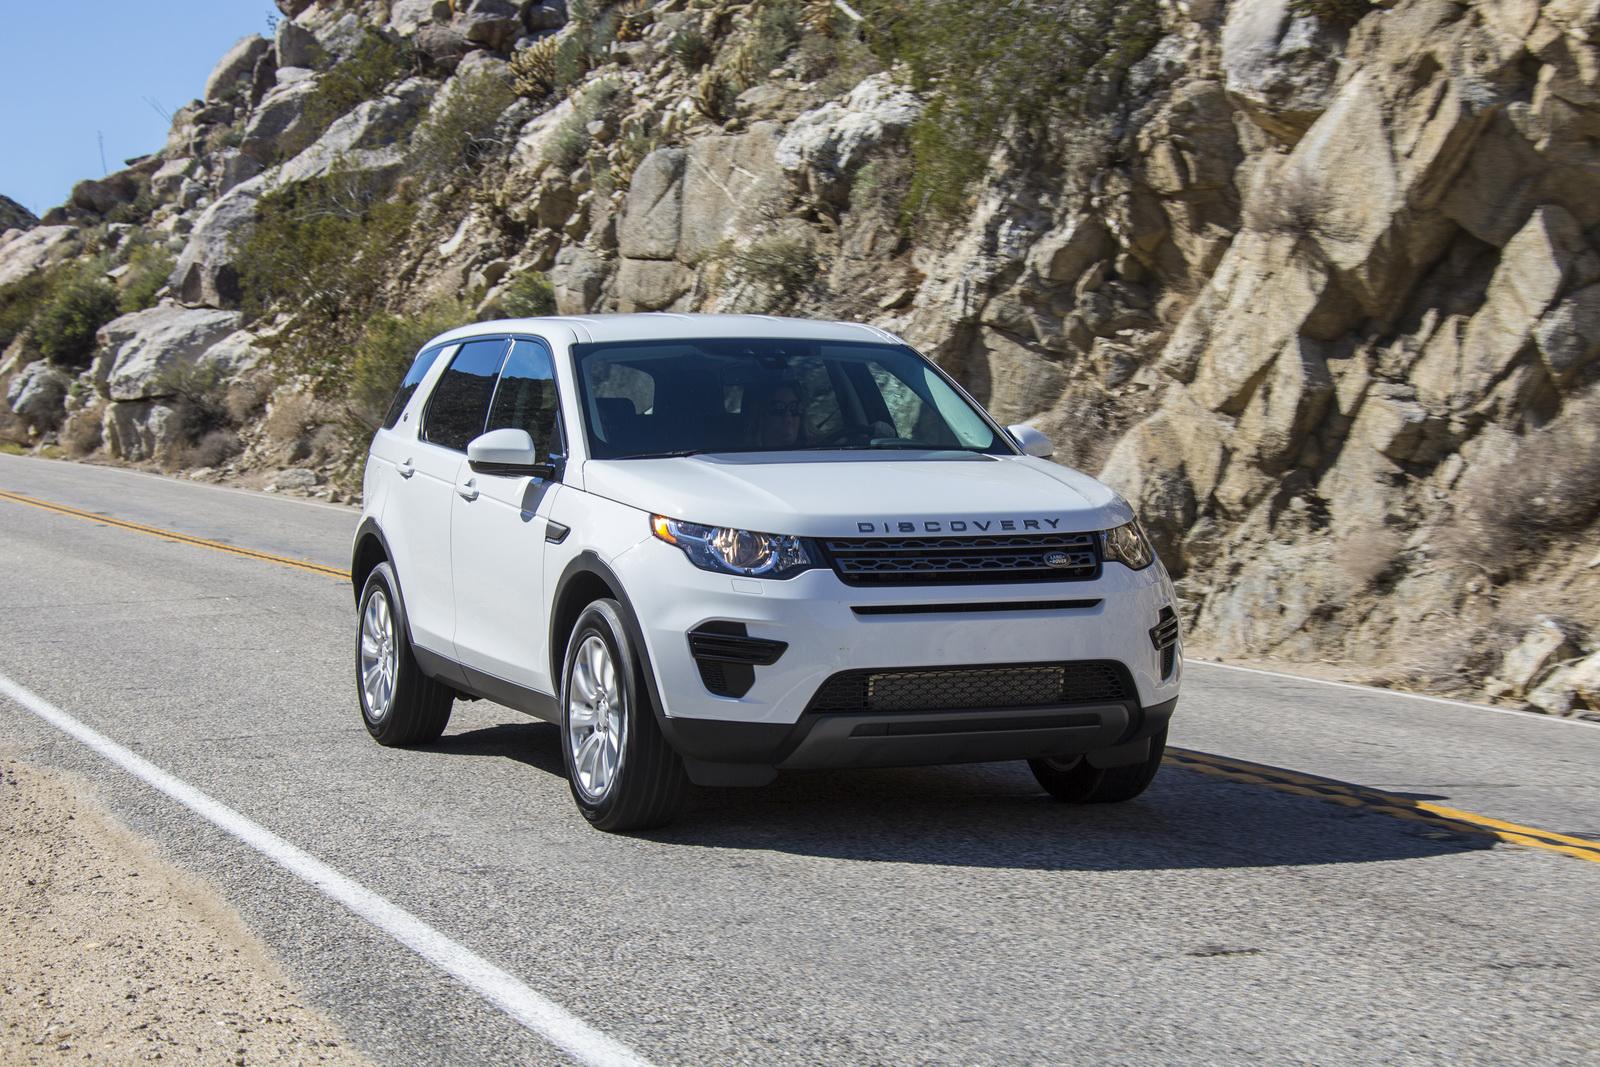 Land Rover Sport Discovery chào sân thị trường Mỹ phiên bản đặc biệt Launch Edition